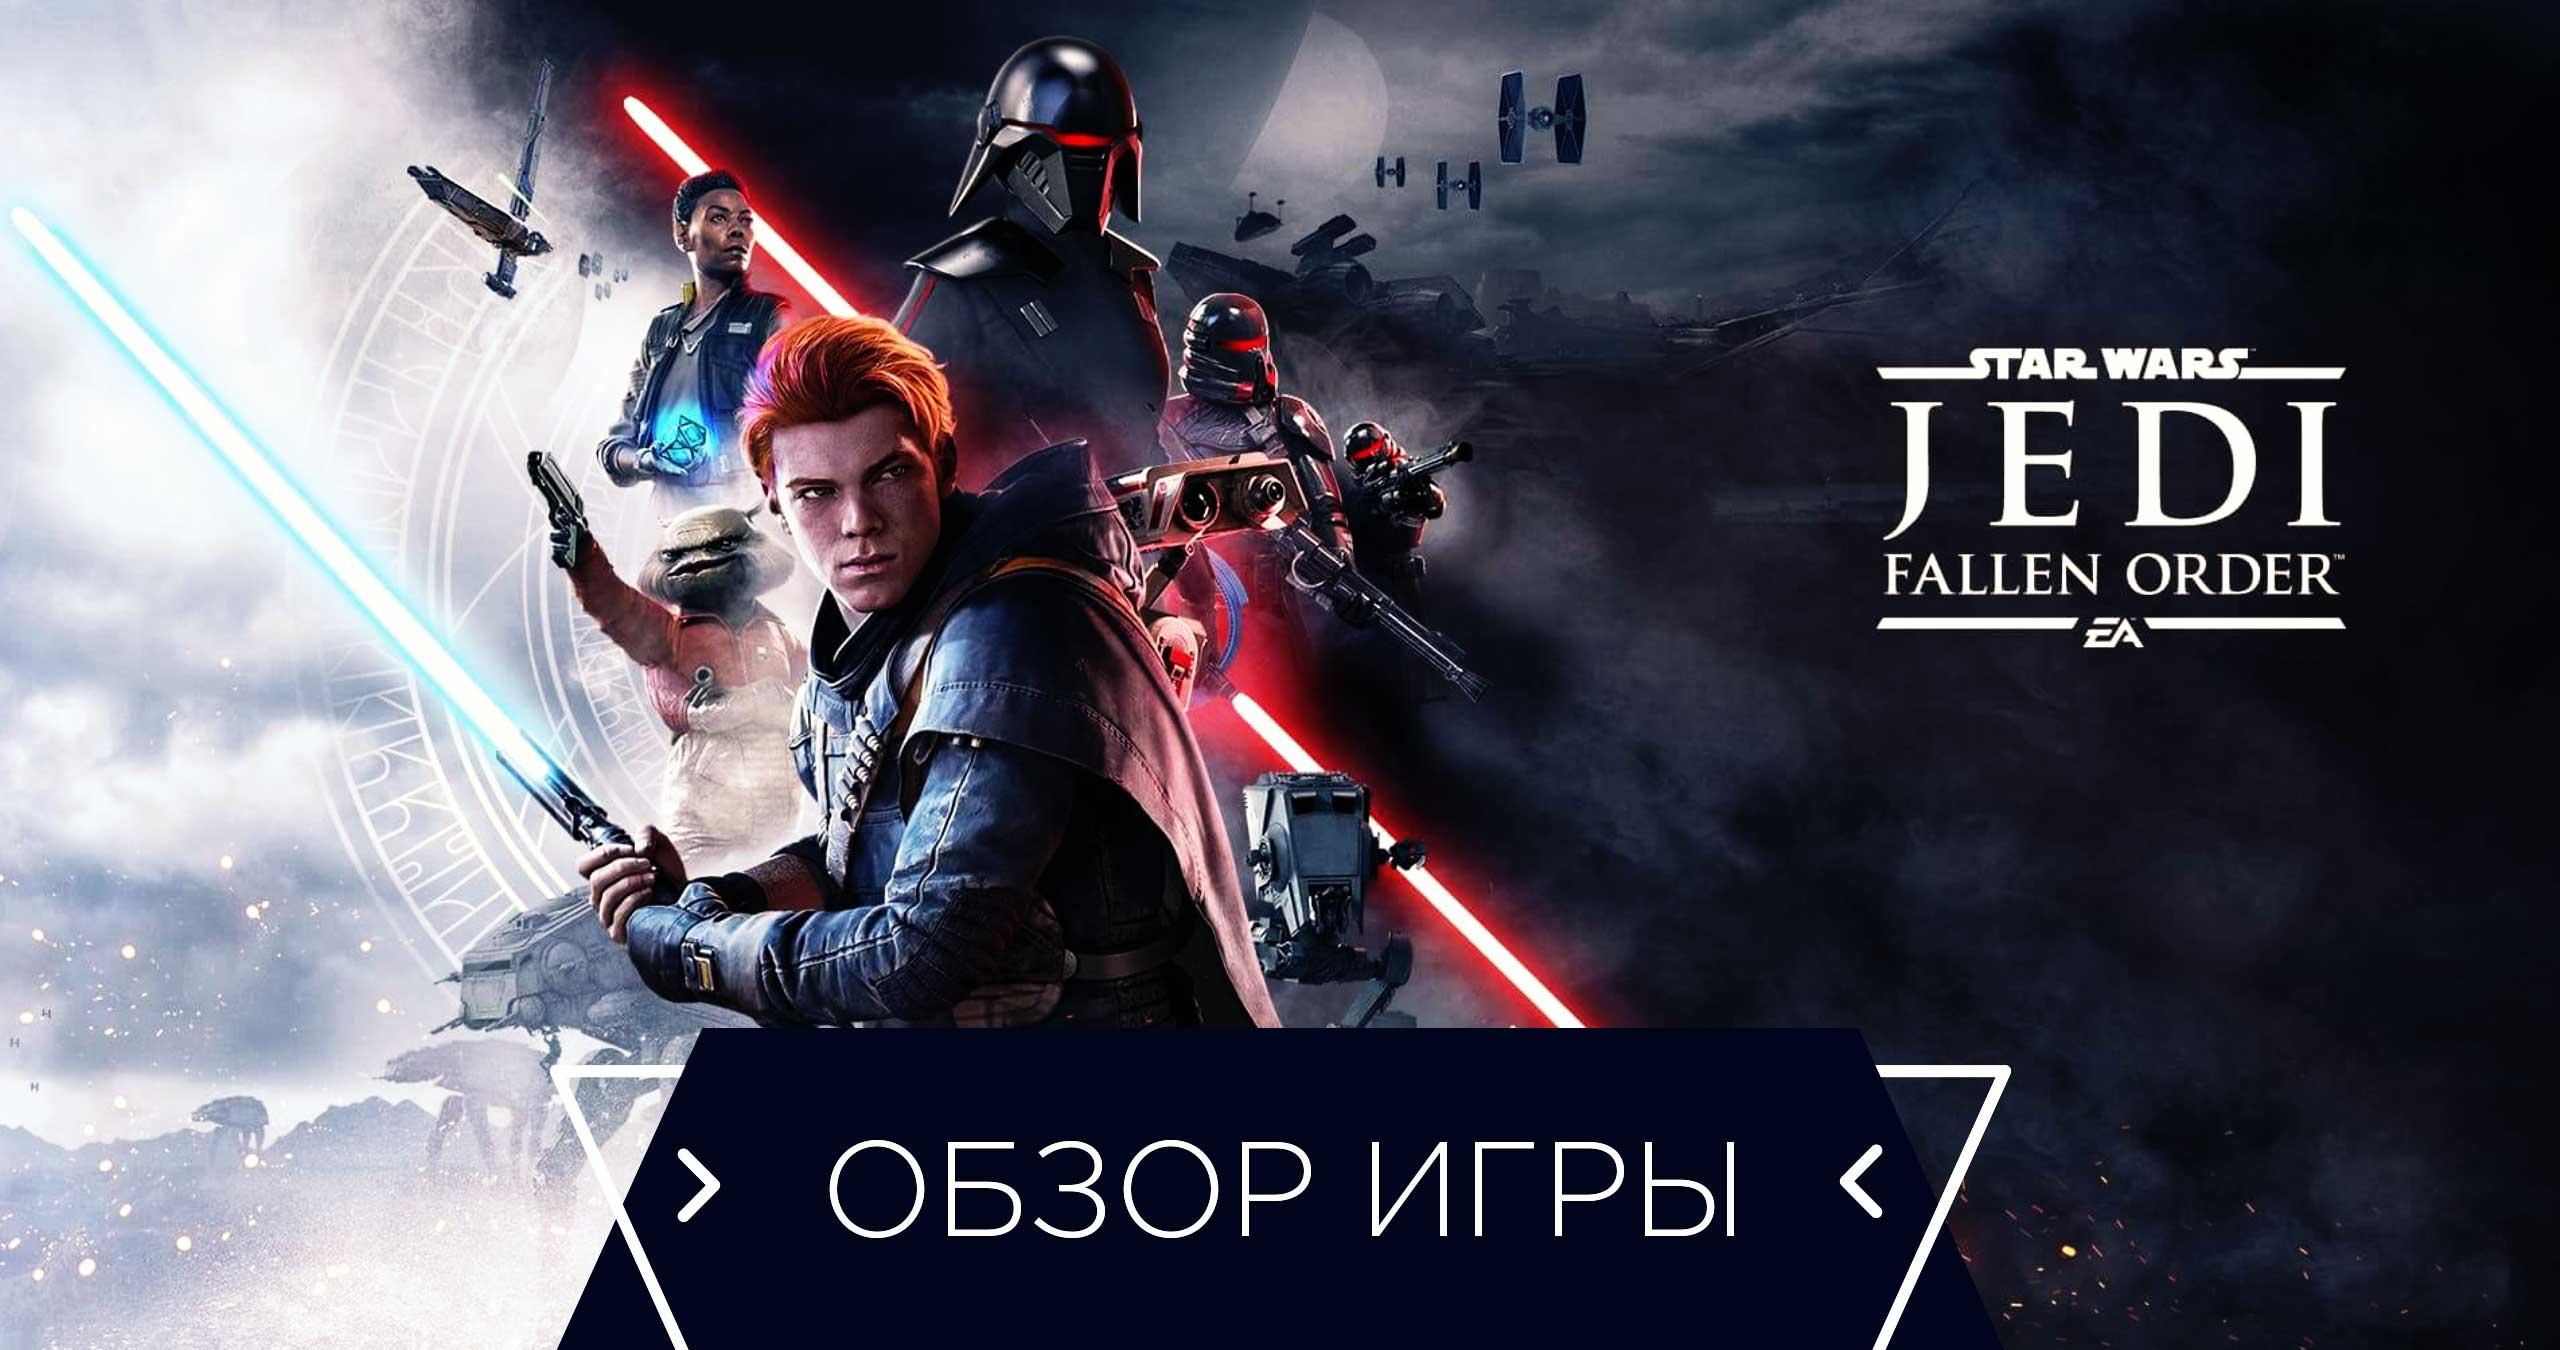 Star Wars Jedi: Fallen Order: геймплей, дата выхода и все, что мы знаем.